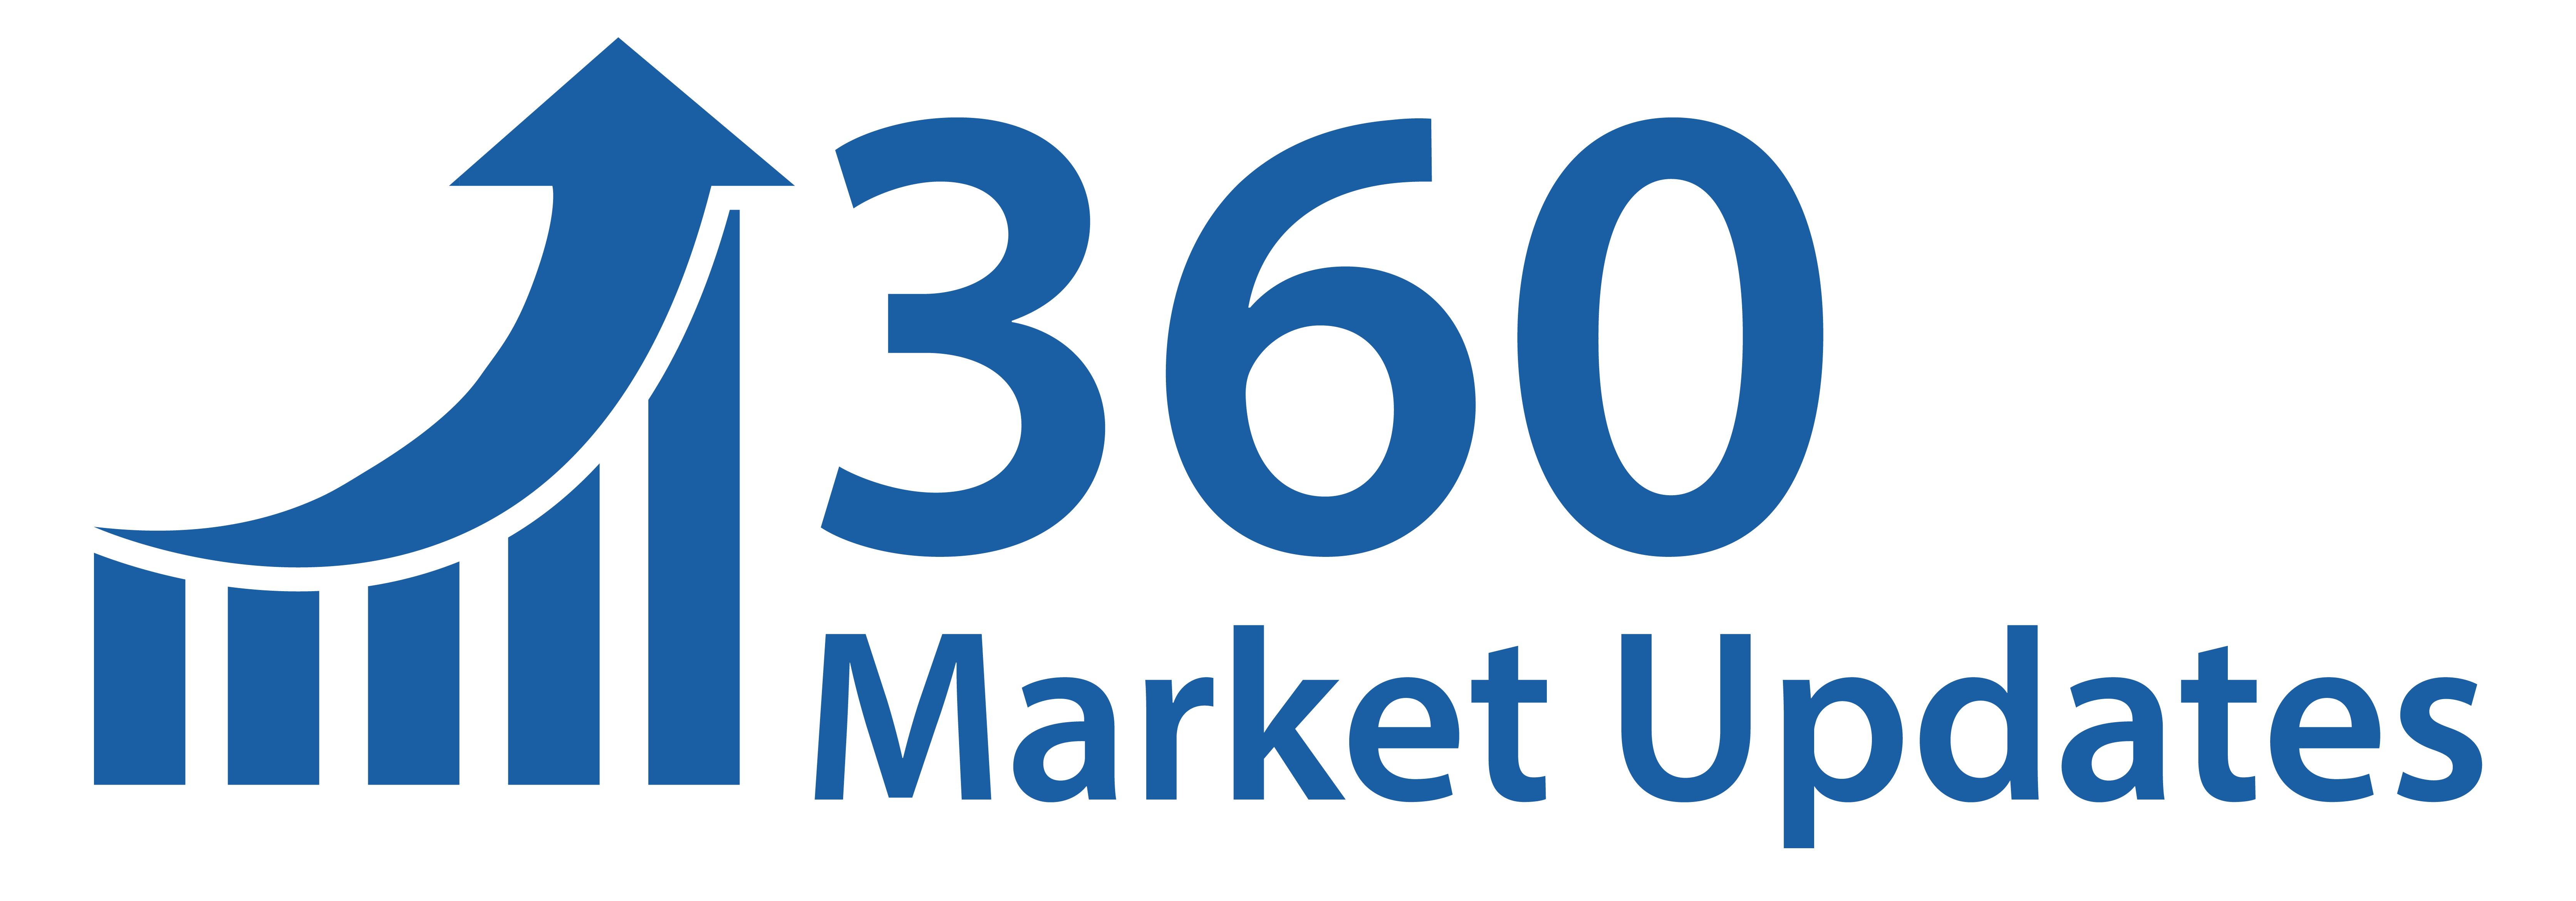 Barite Market 2020 – Industrienachfrage, Aktie, Größe, Zukunftstrends Pläne, Wachstumschancen, Schlüsselakteure, Anwendung, Nachfrage, Branchenforschungsbericht von Regional Forecast to 2024 | 360 Markt-Updates